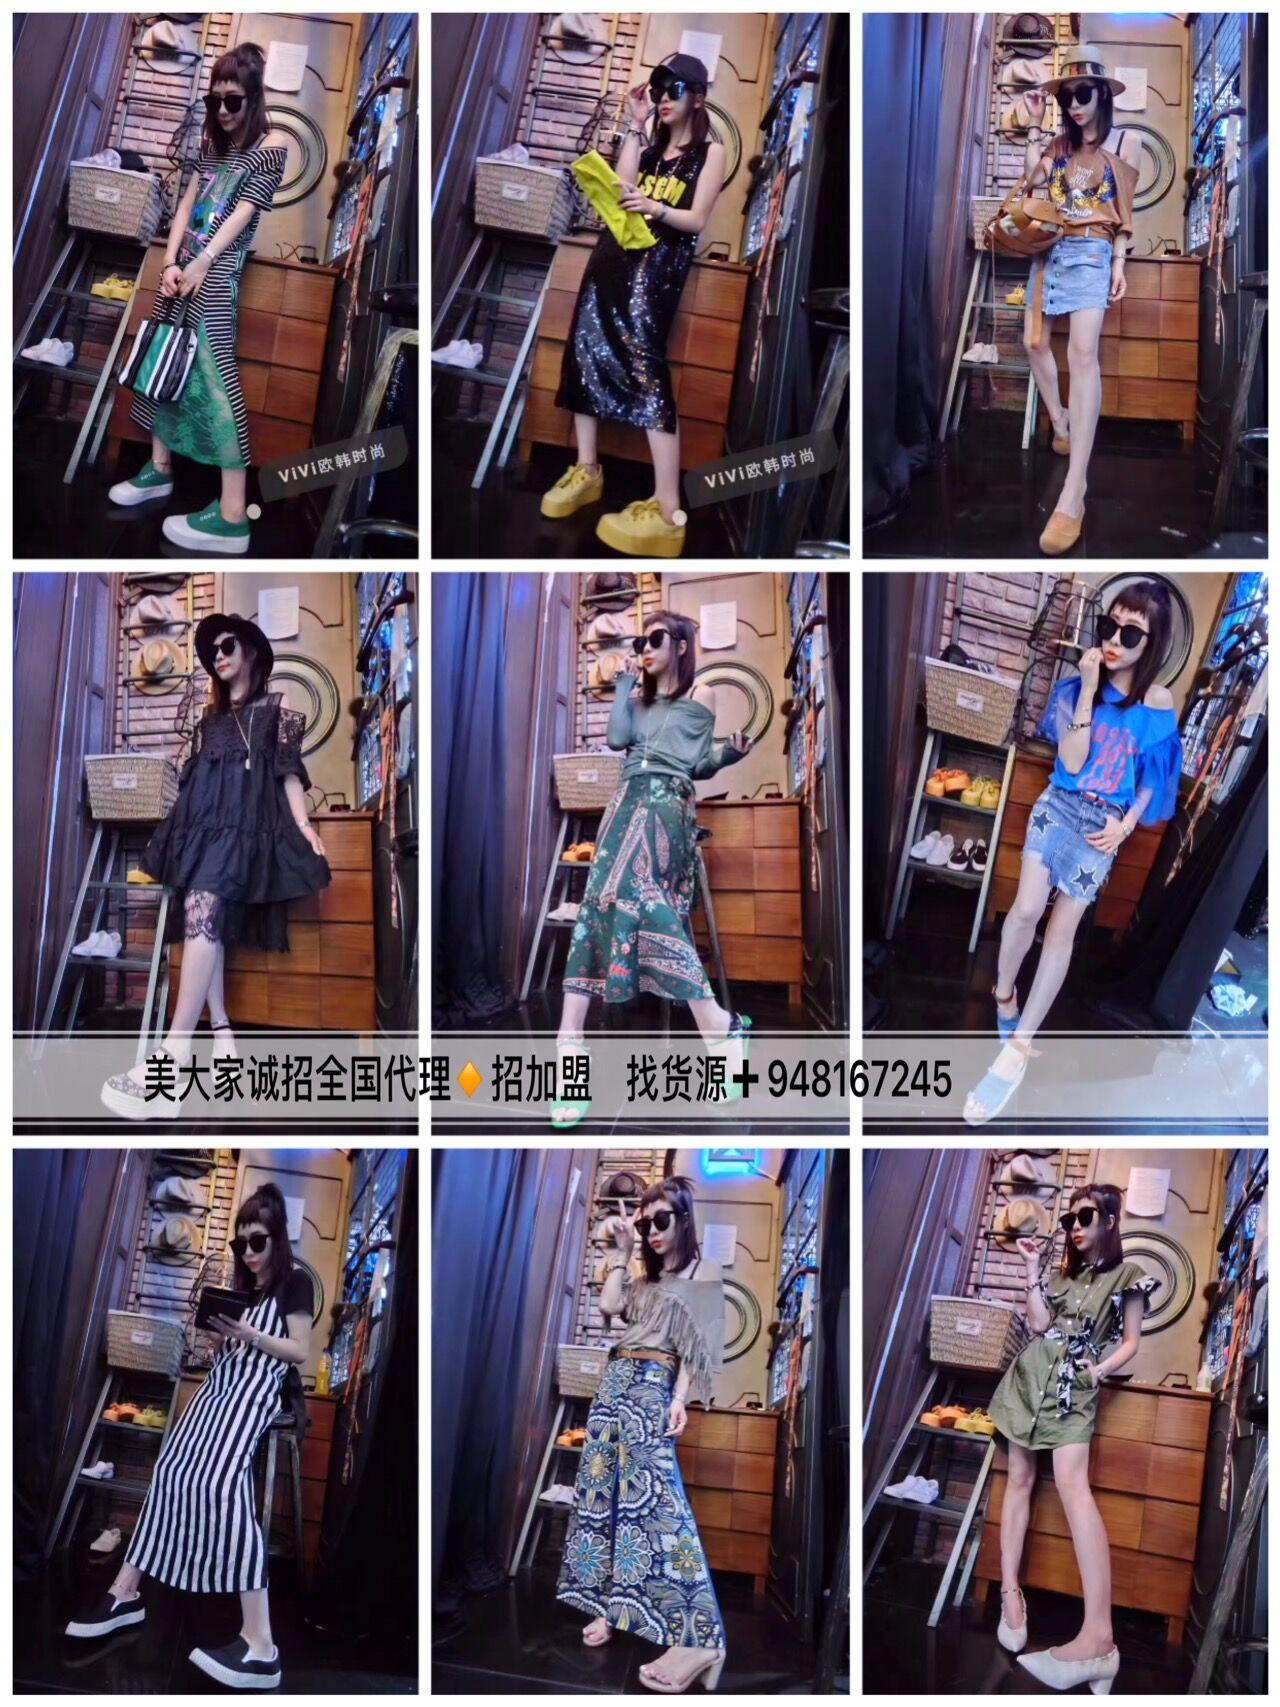 这是第6张女装欧美日韩泰国多种款式选择的货源图片